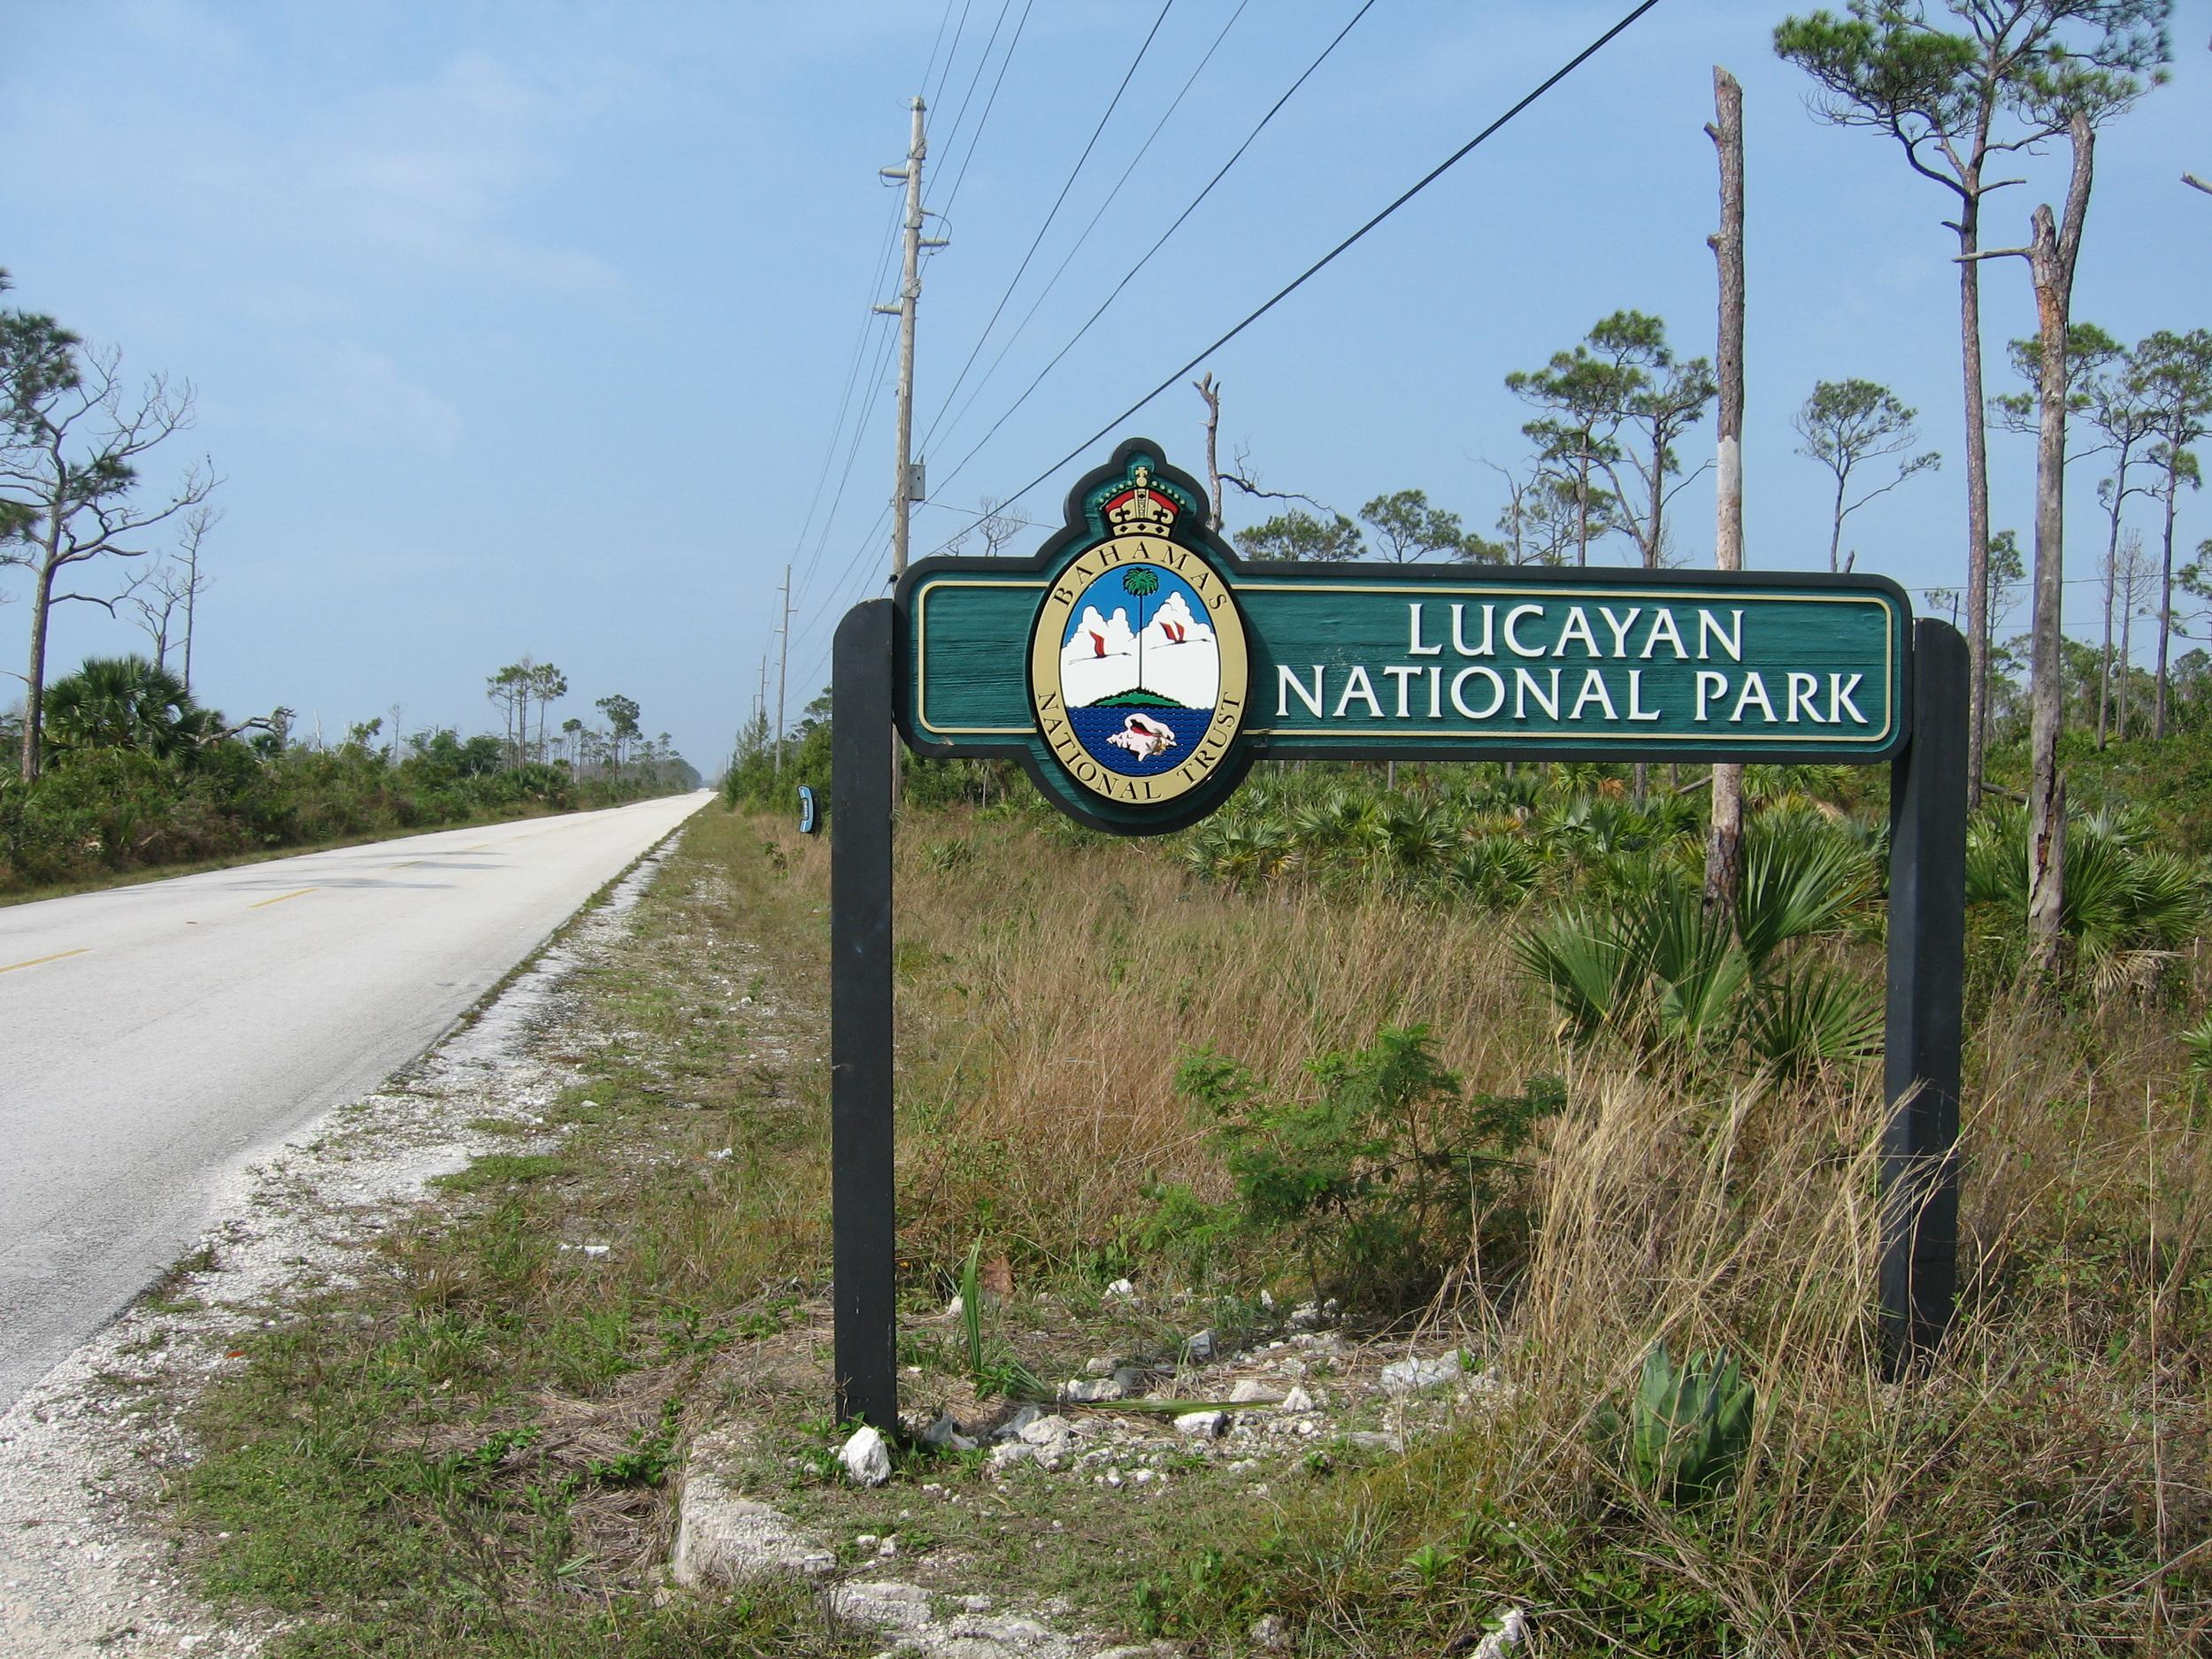 lucayan_national_park_bahamas.JPG